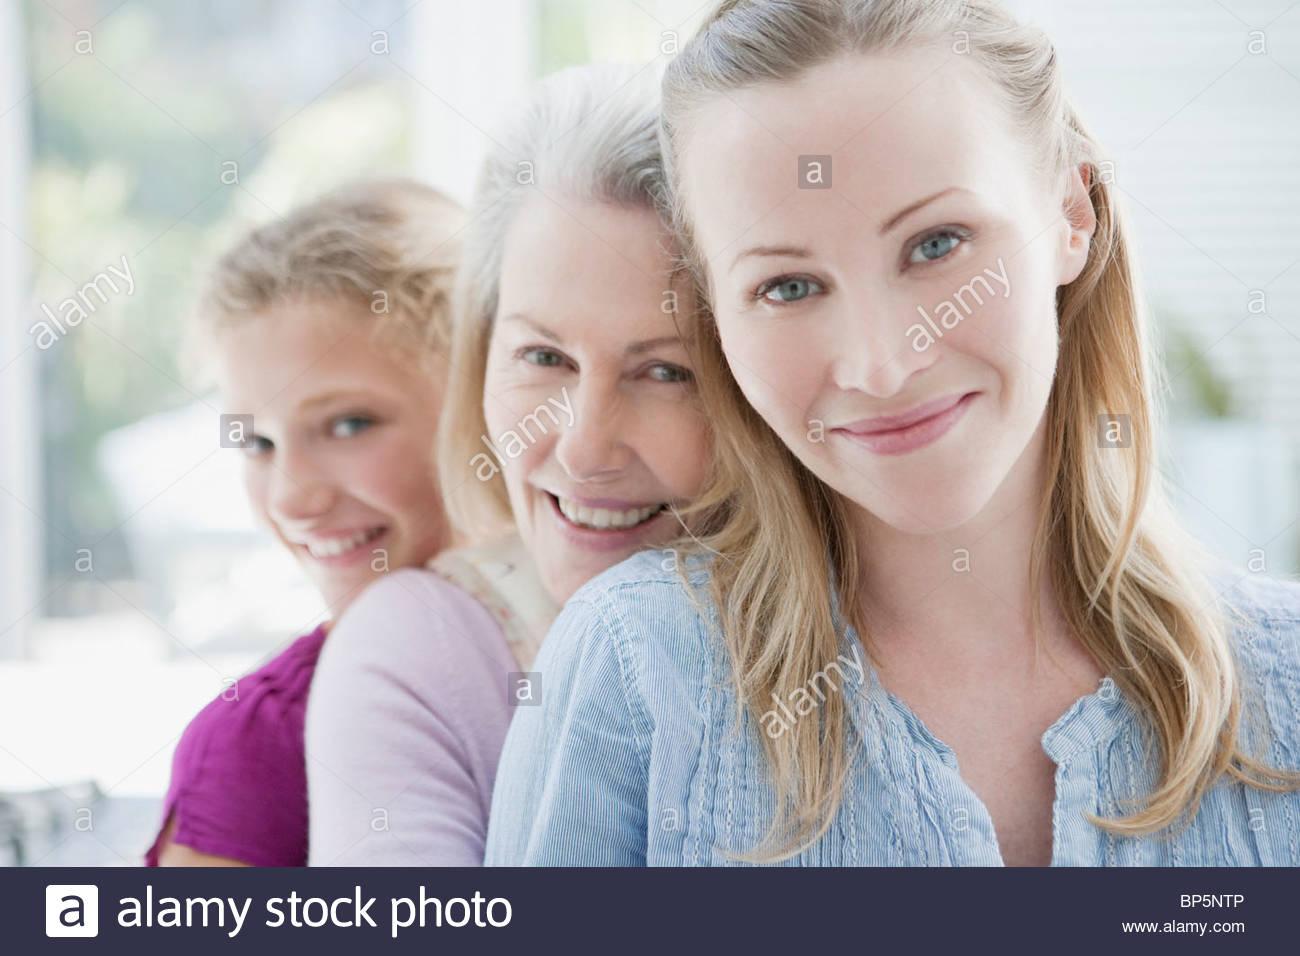 Lächelnd, Großmutter, Mutter und Tochter umarmt Stockbild